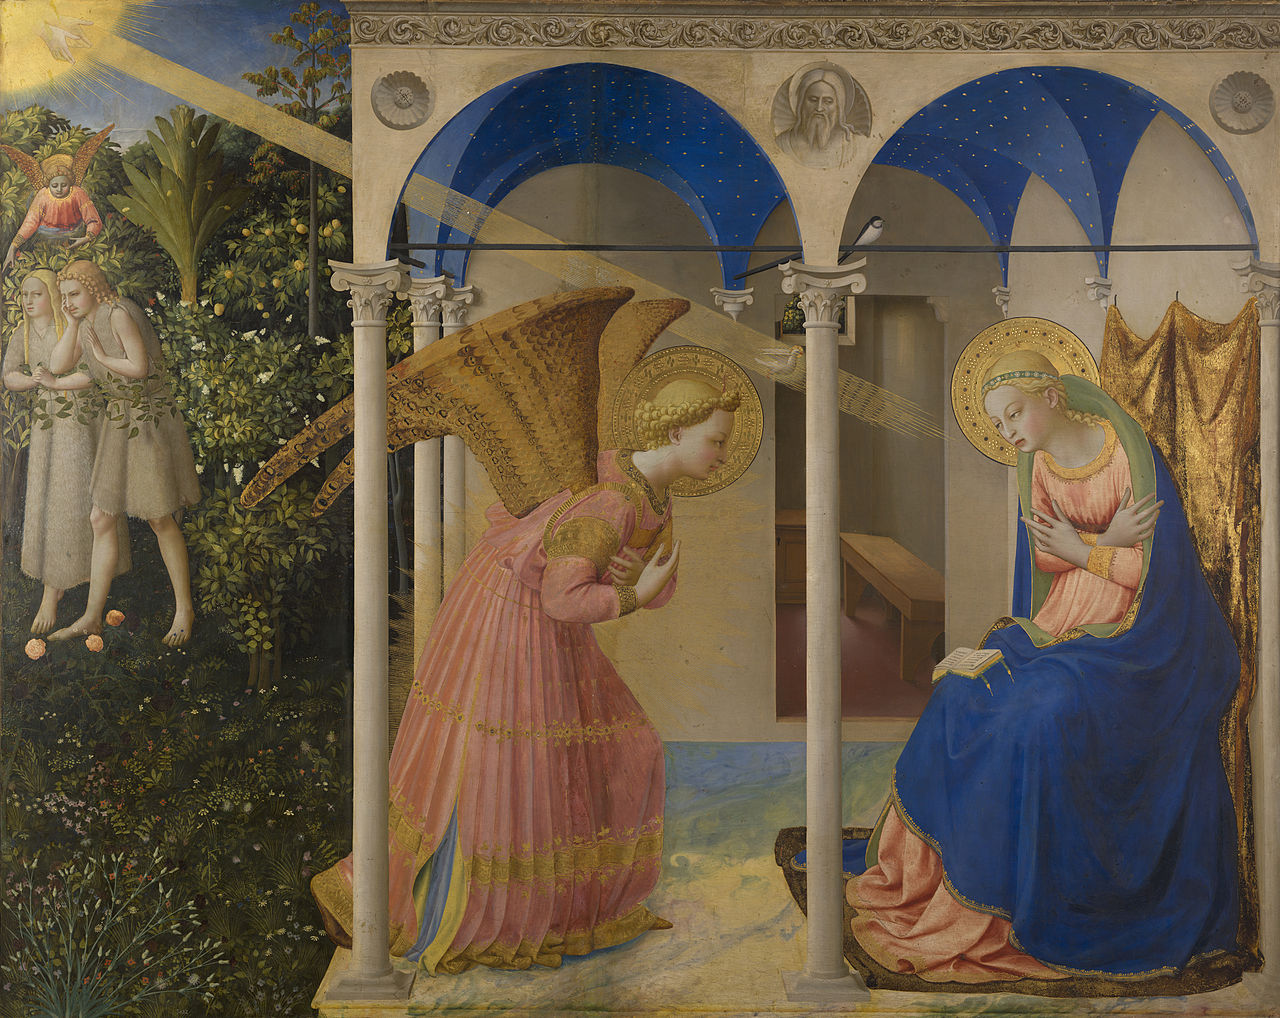 Гвидо ди Пьетро, известный как Фра Беато Анджелико. «Благовещение», 1430-1432